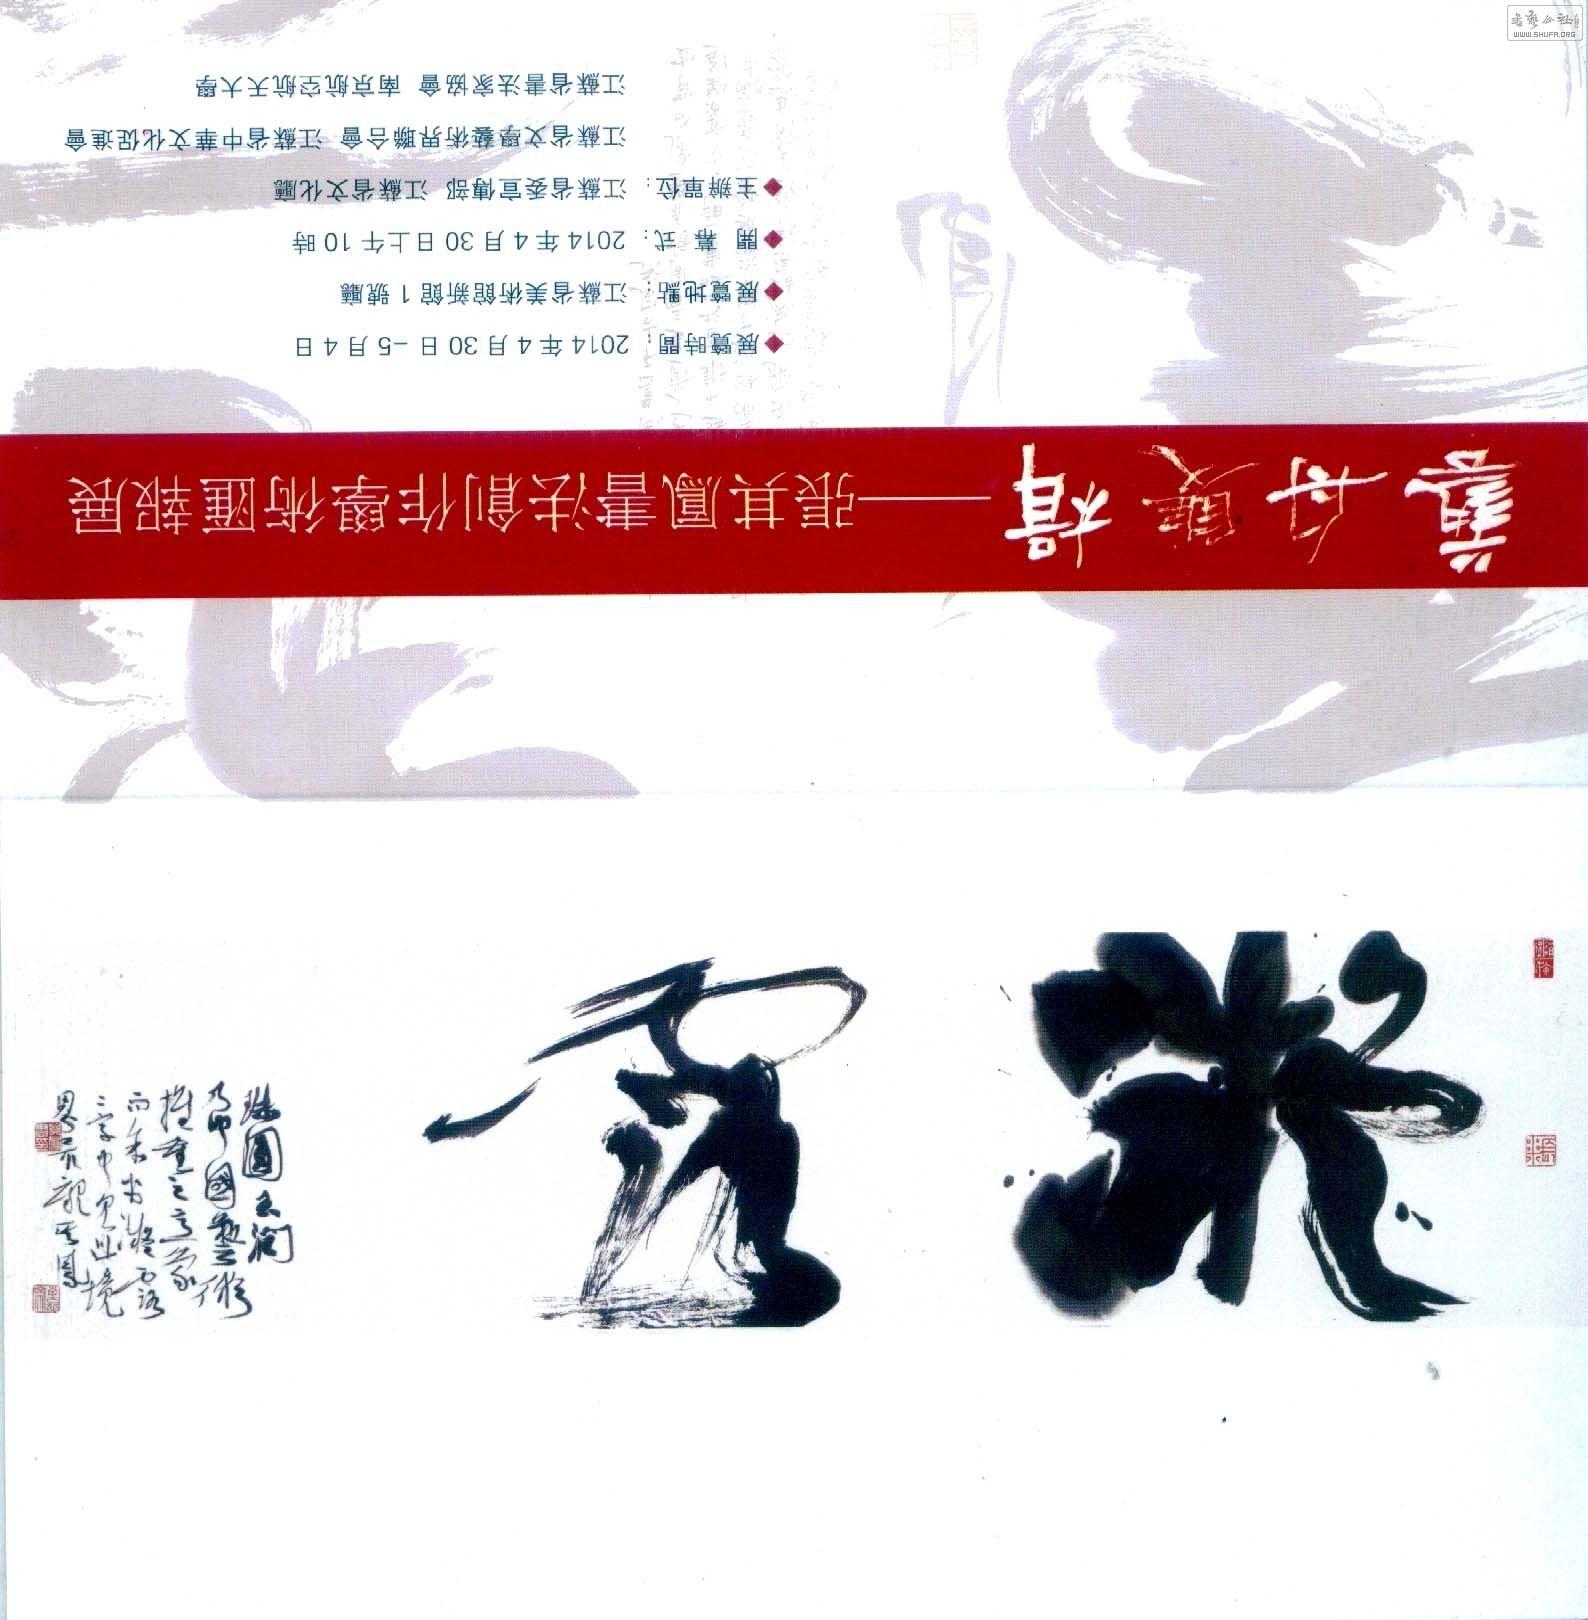 """预祝""""艺舟双楫——张其凤教授大型书法作品展""""圆满成功!"""